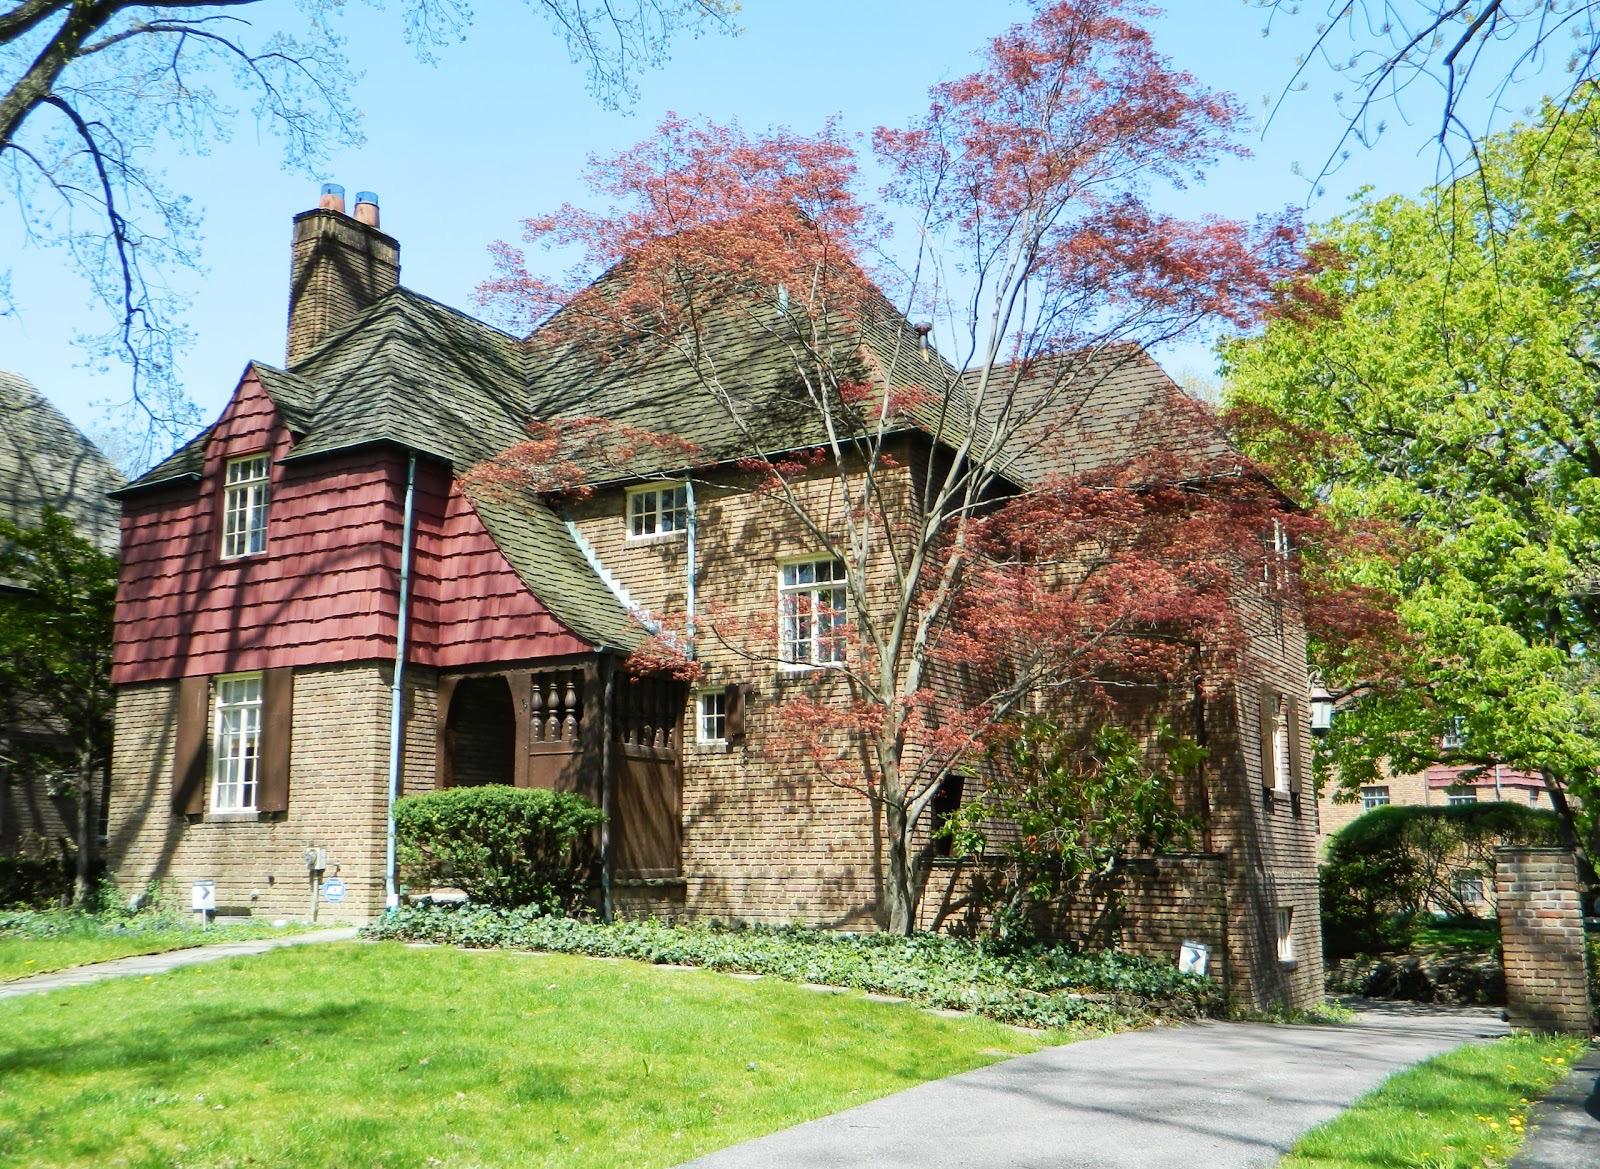 20130430091 E Cleveland Forest Hills 15657 Wyatt.jpg